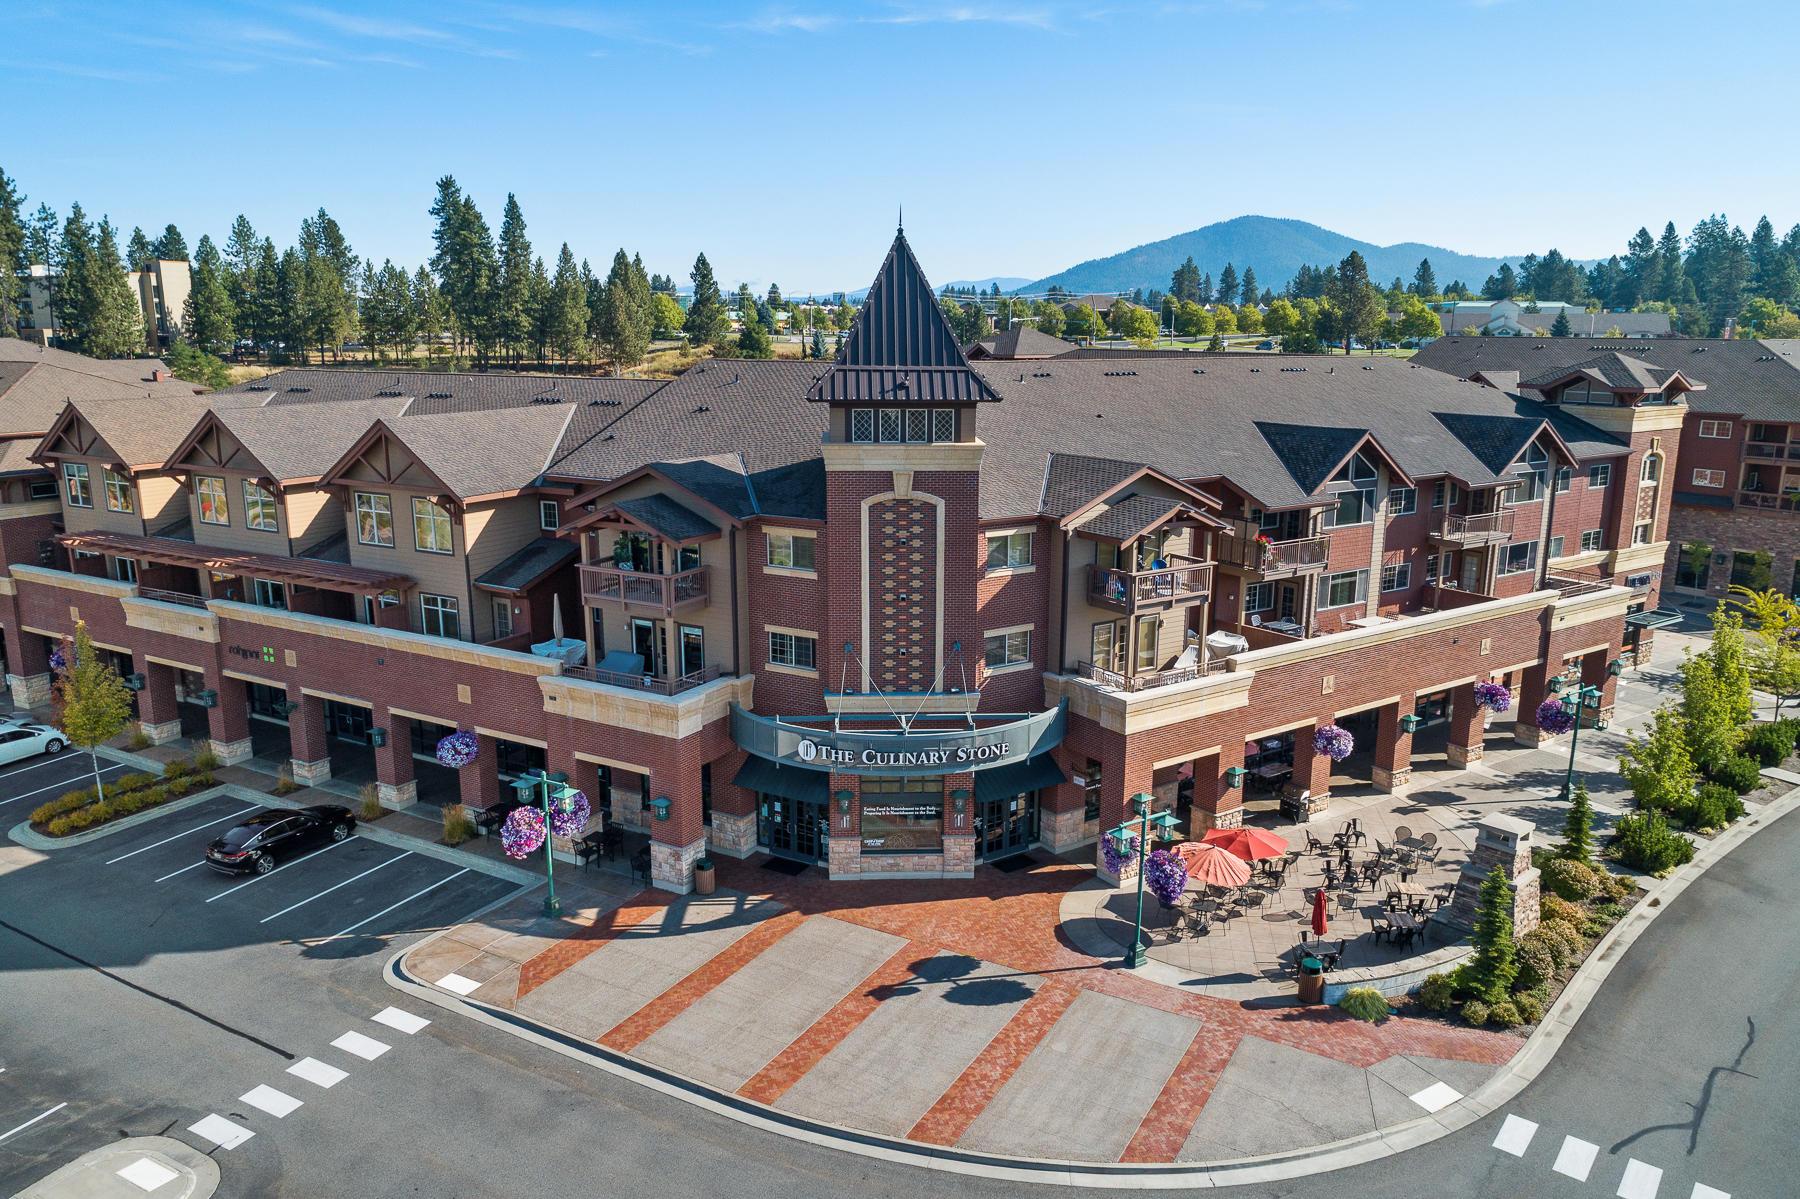 photo of 2151 N Main St Coeur d'Alene Idaho 83814